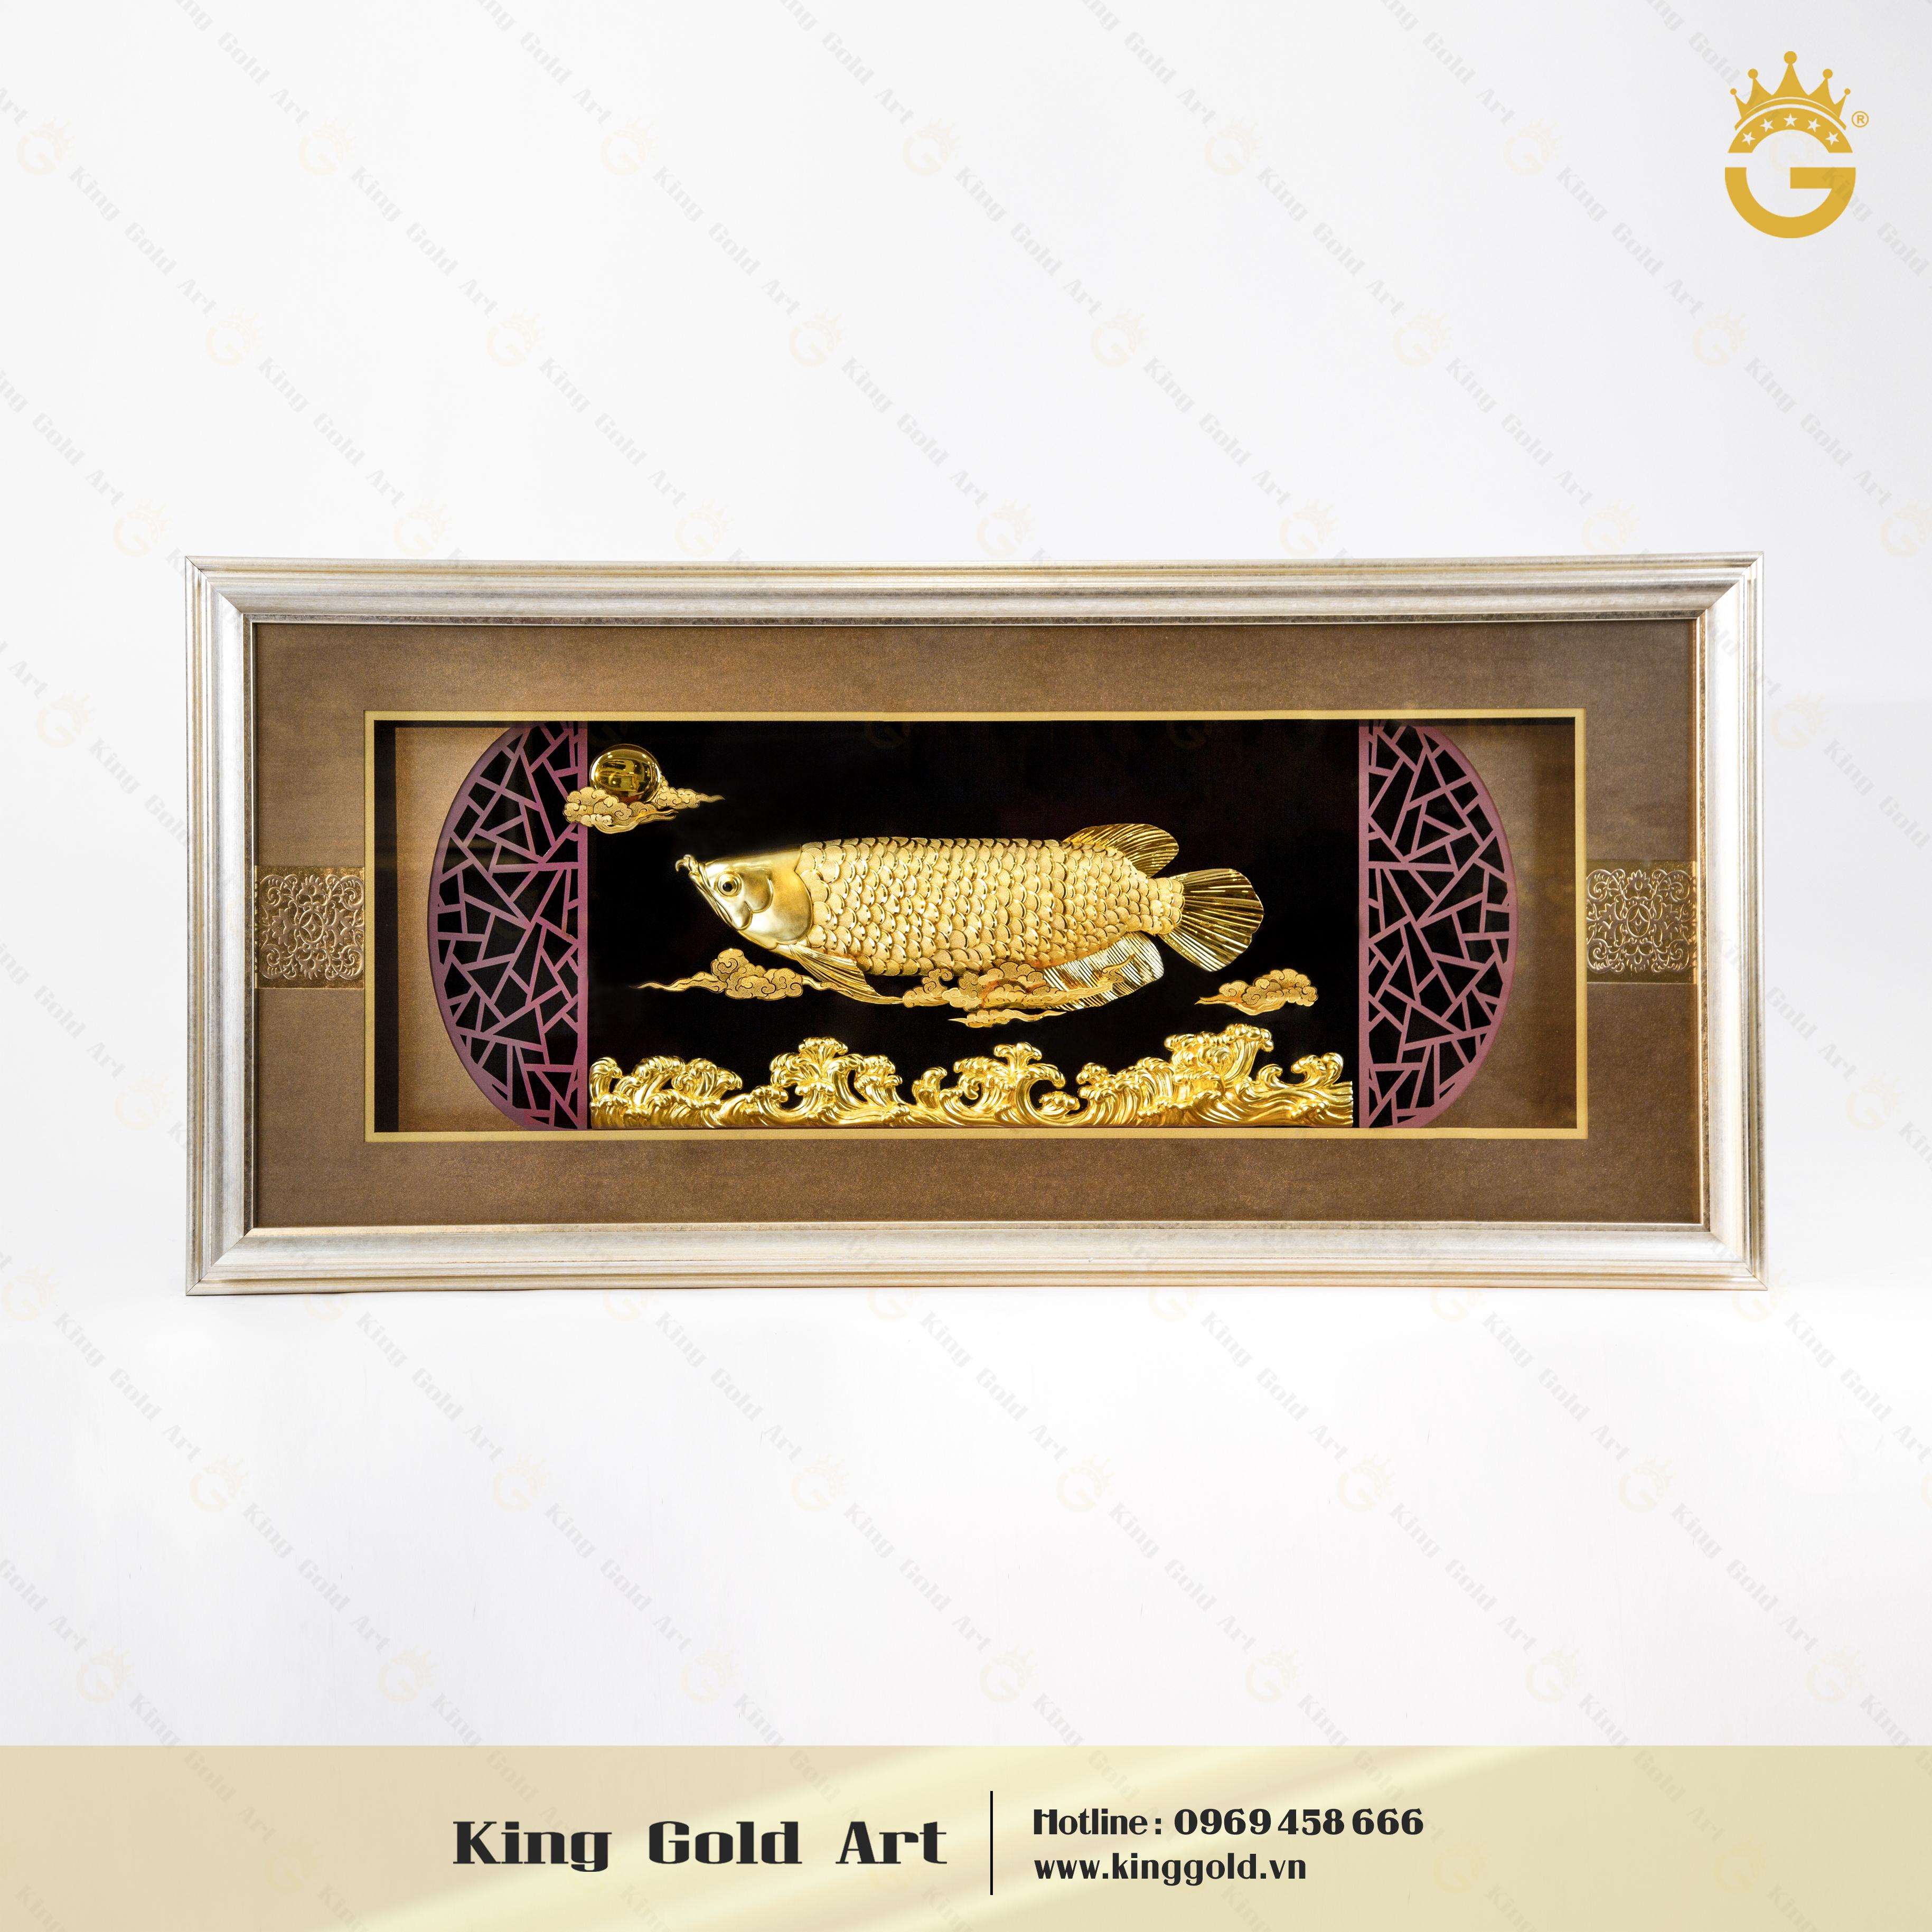 Quà tặng tranh vàng 24k, tranh cá kim long bằng vàng lá đẹp tinh xảo0